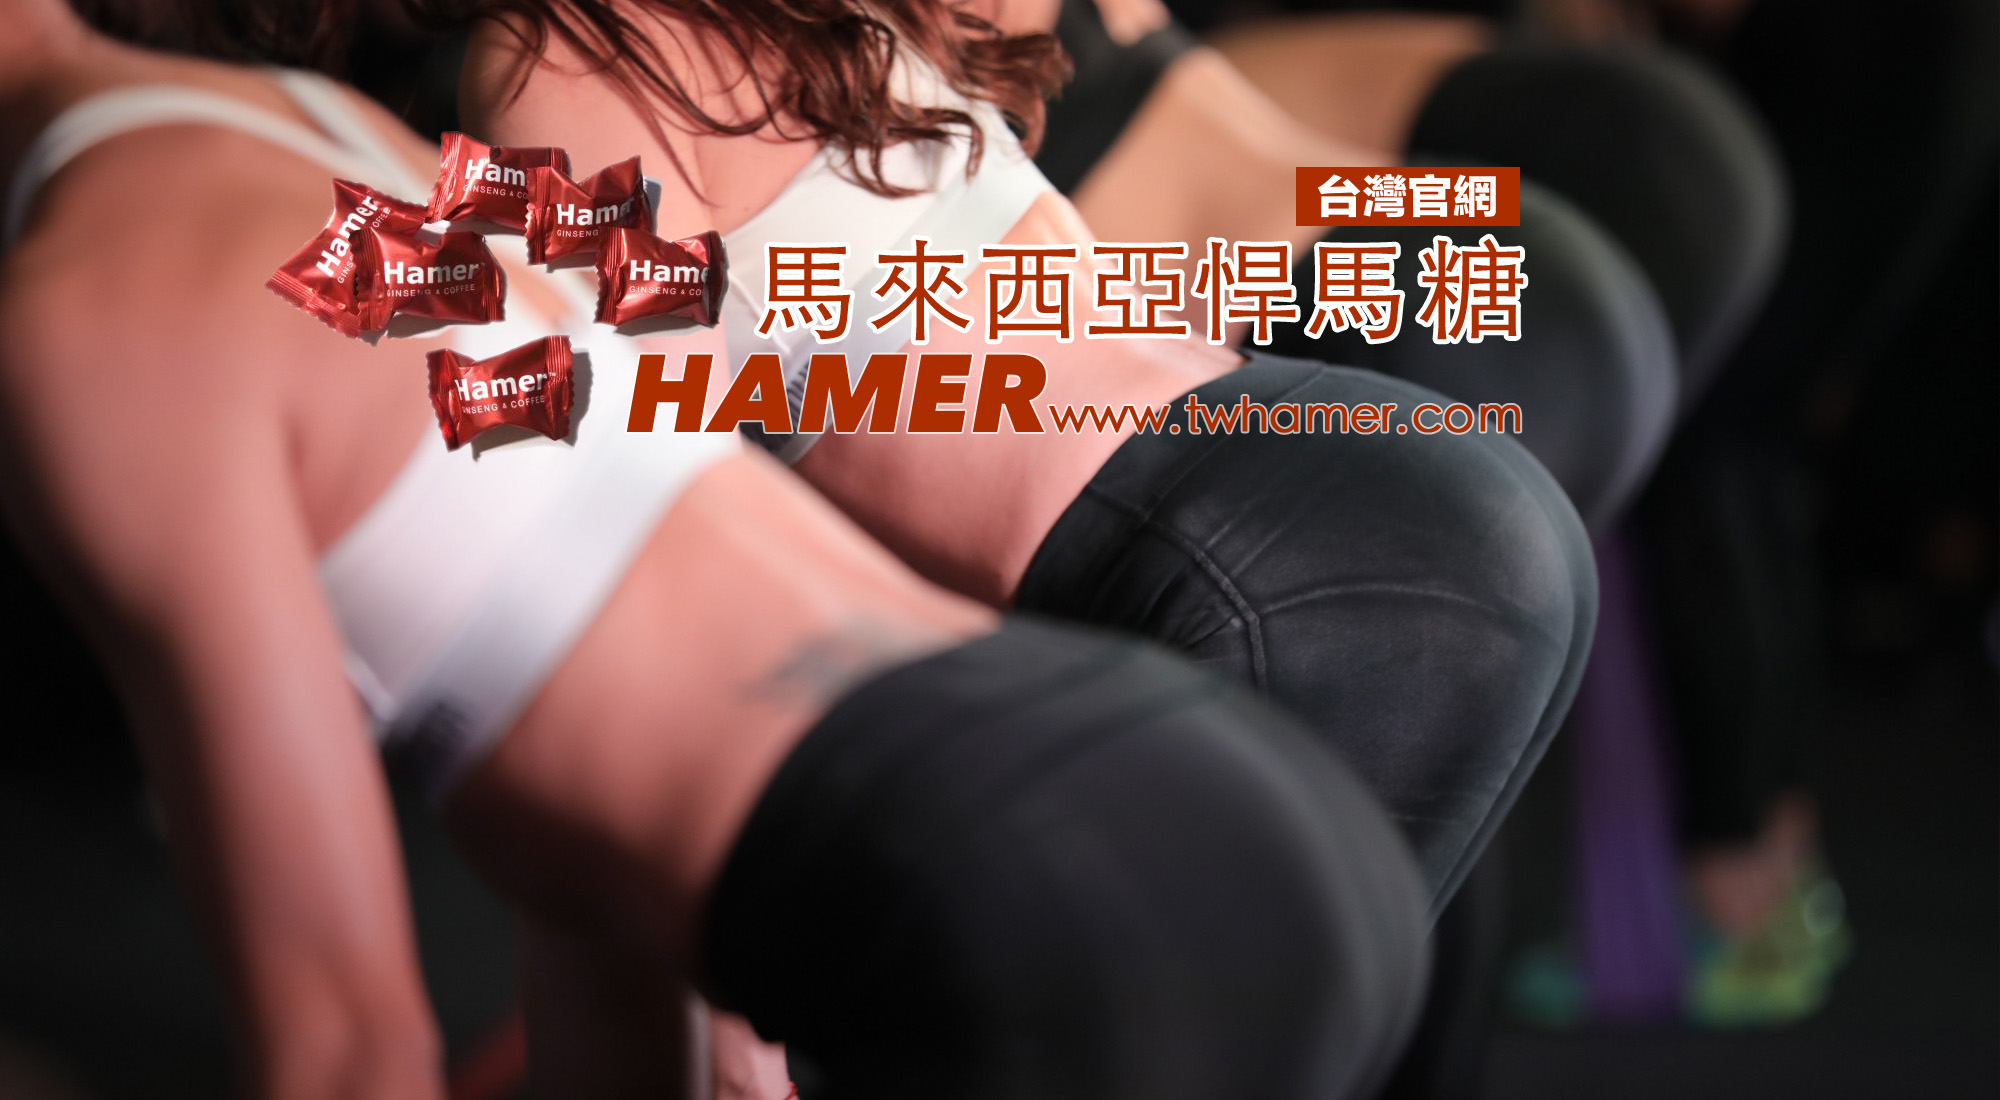 馬來西亞悍馬糖Hamer candy台灣官網